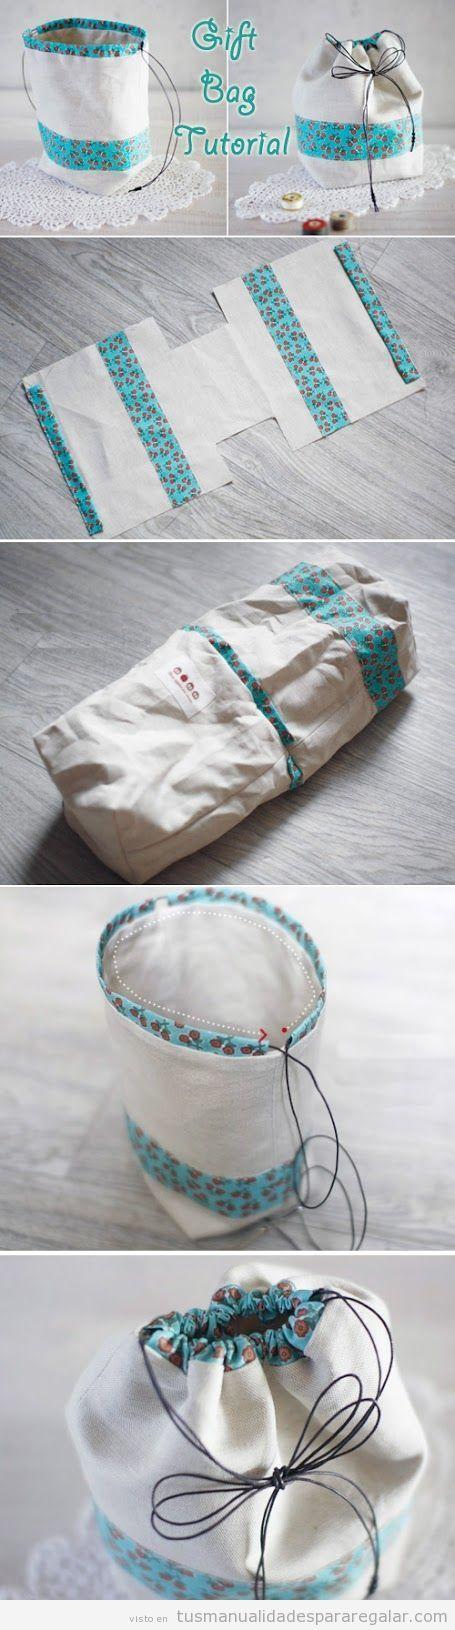 Original Bolsa de regalo / http://tusmanualidadespararegalar.com/